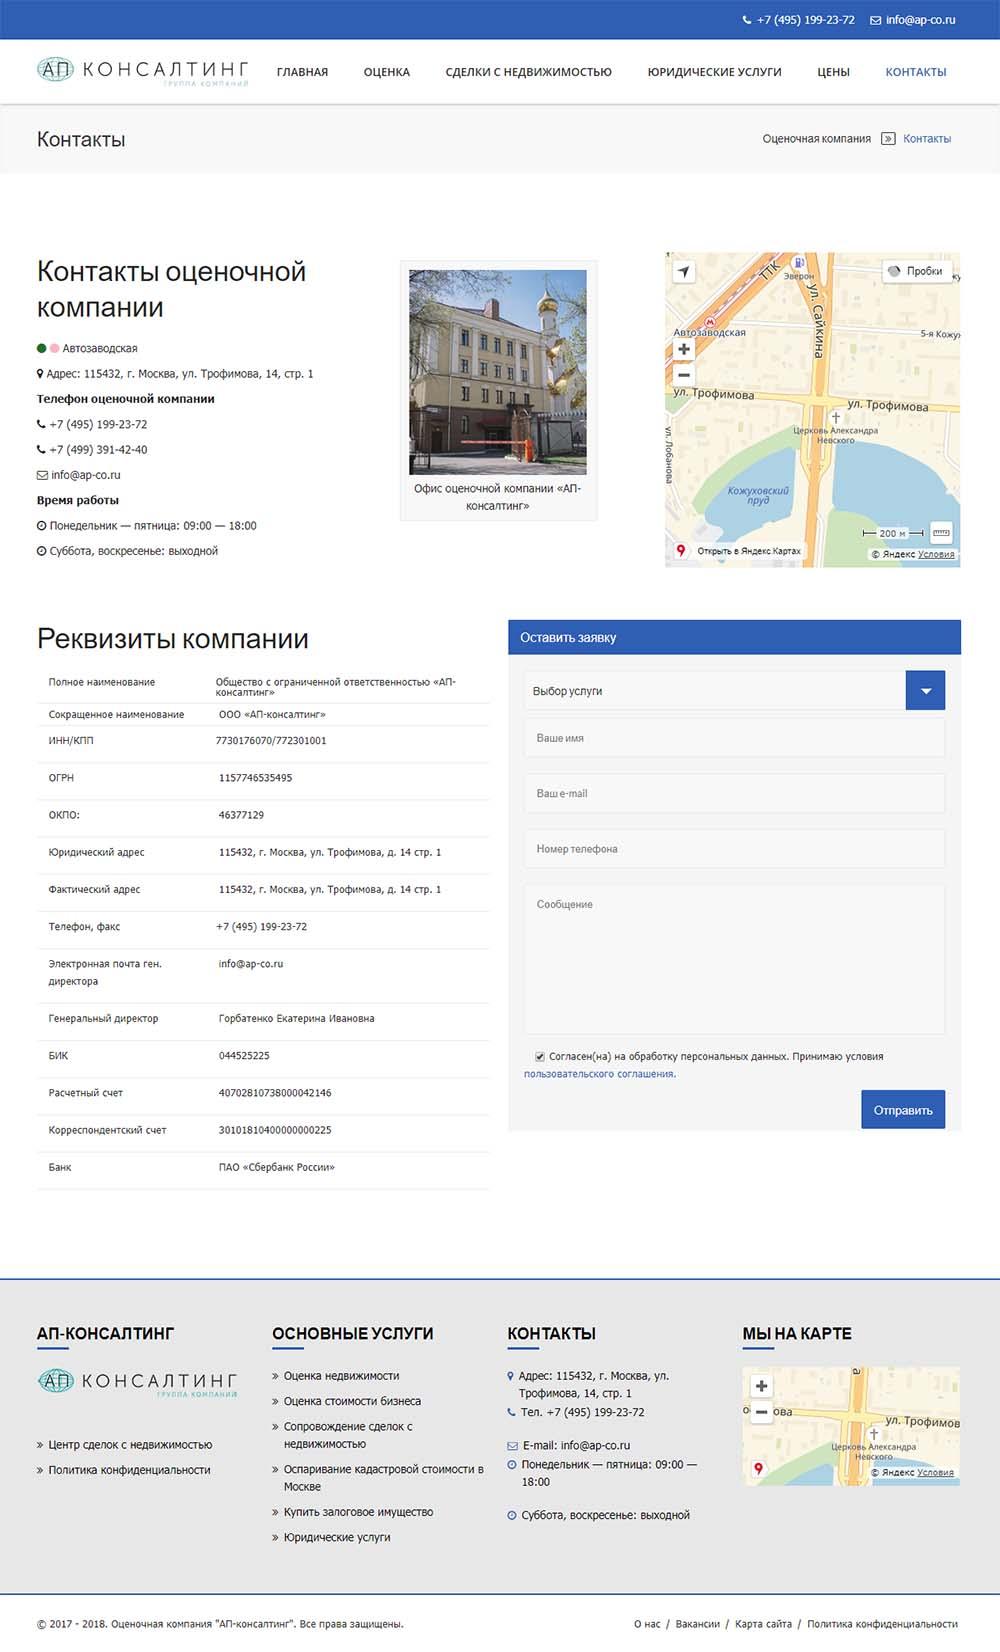 Раздел сайта оценочной компании